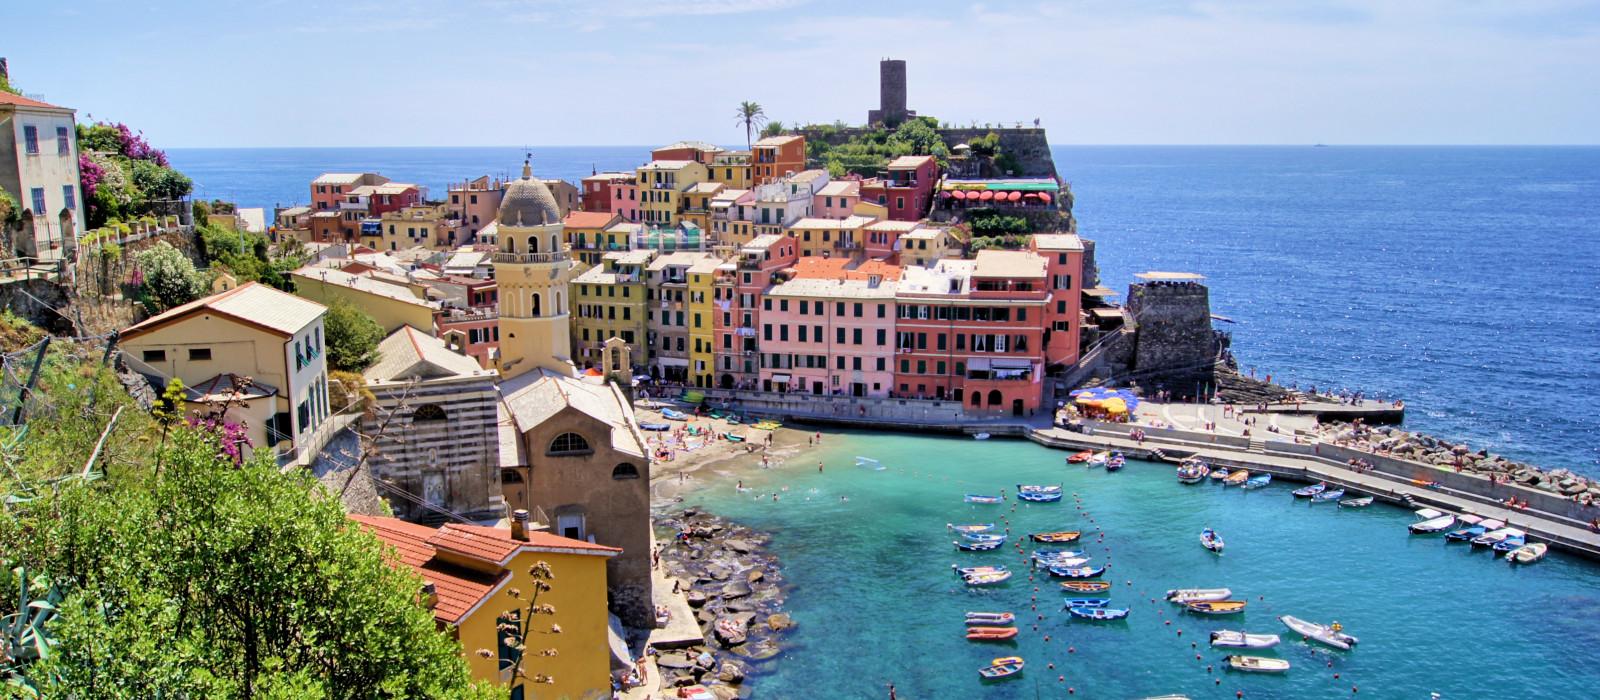 Destination Cinque Terre Italy